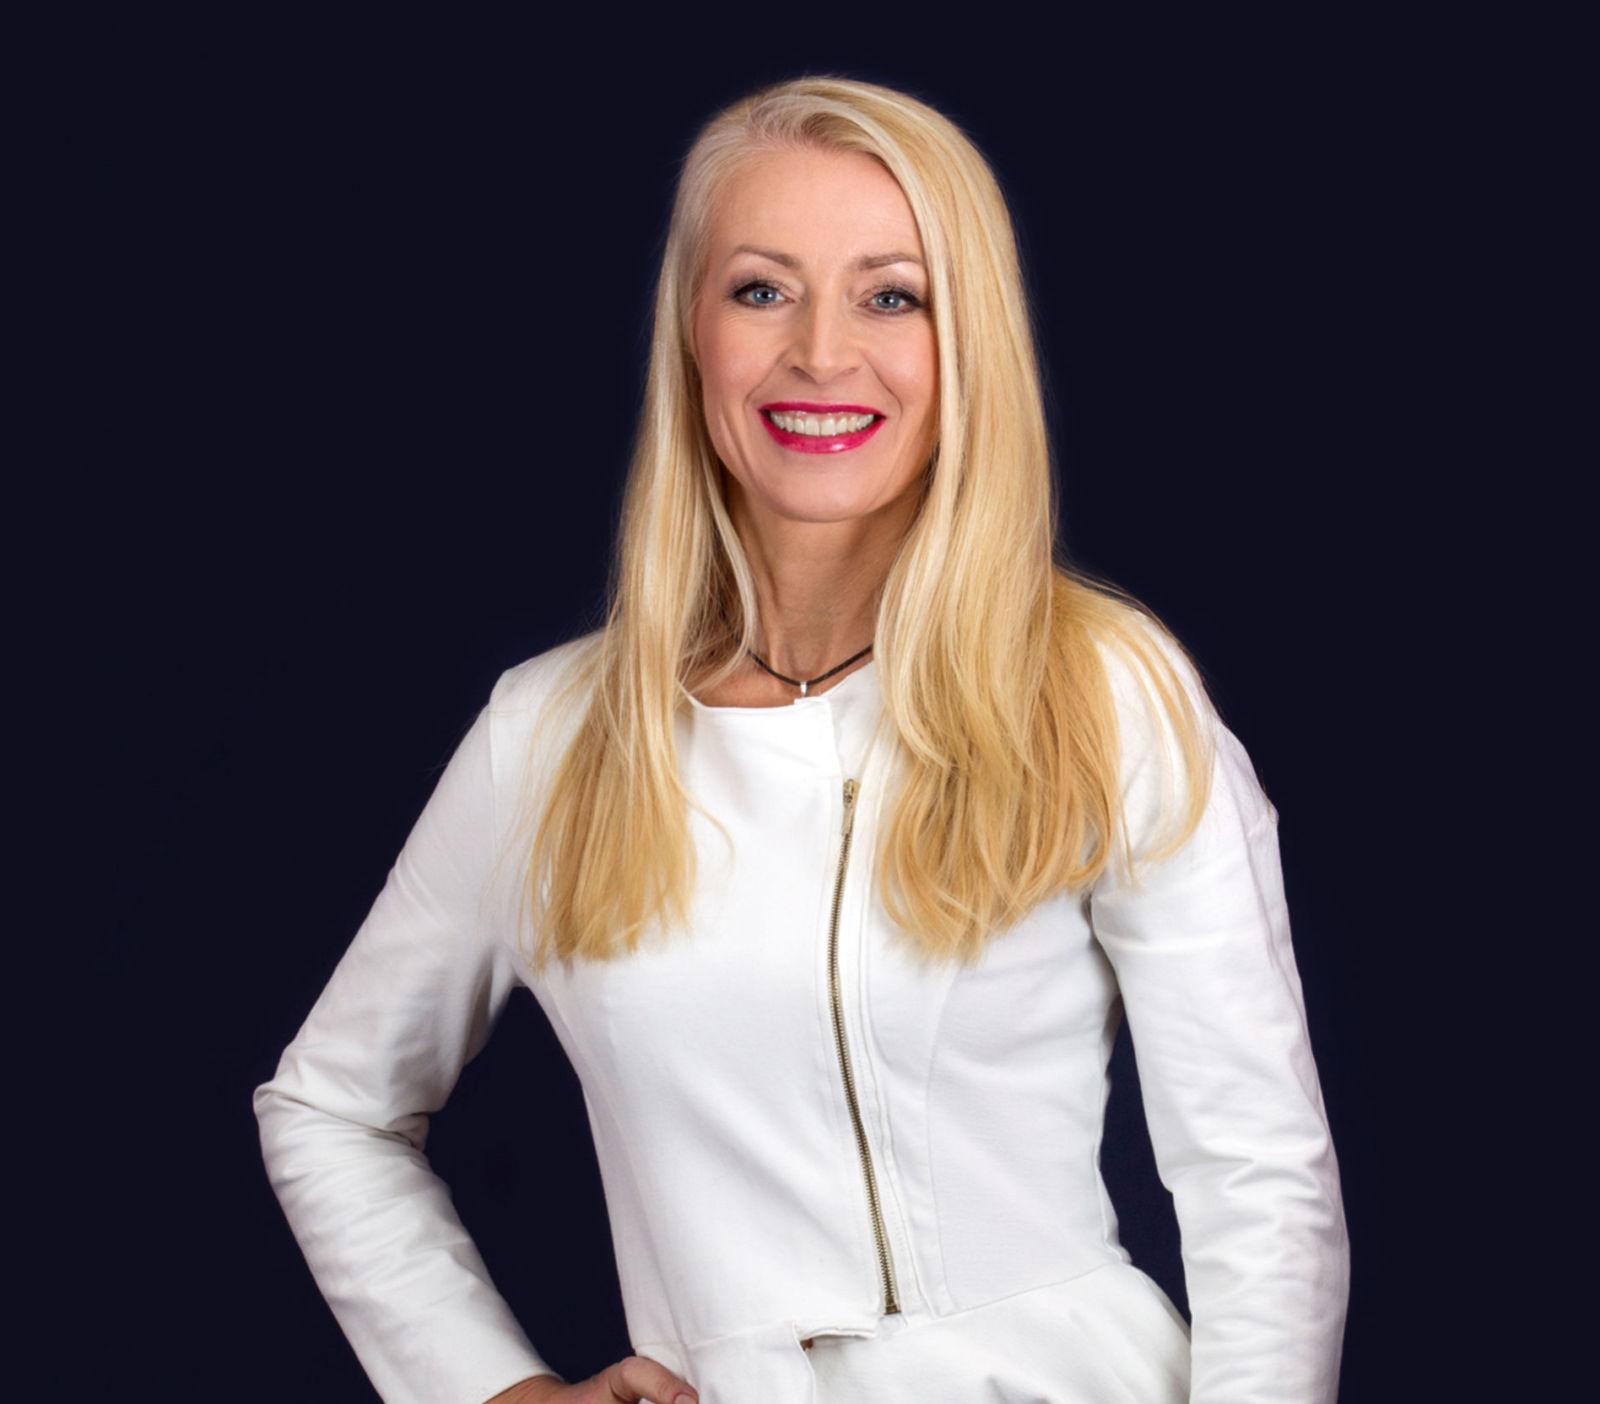 Anna Saczuk